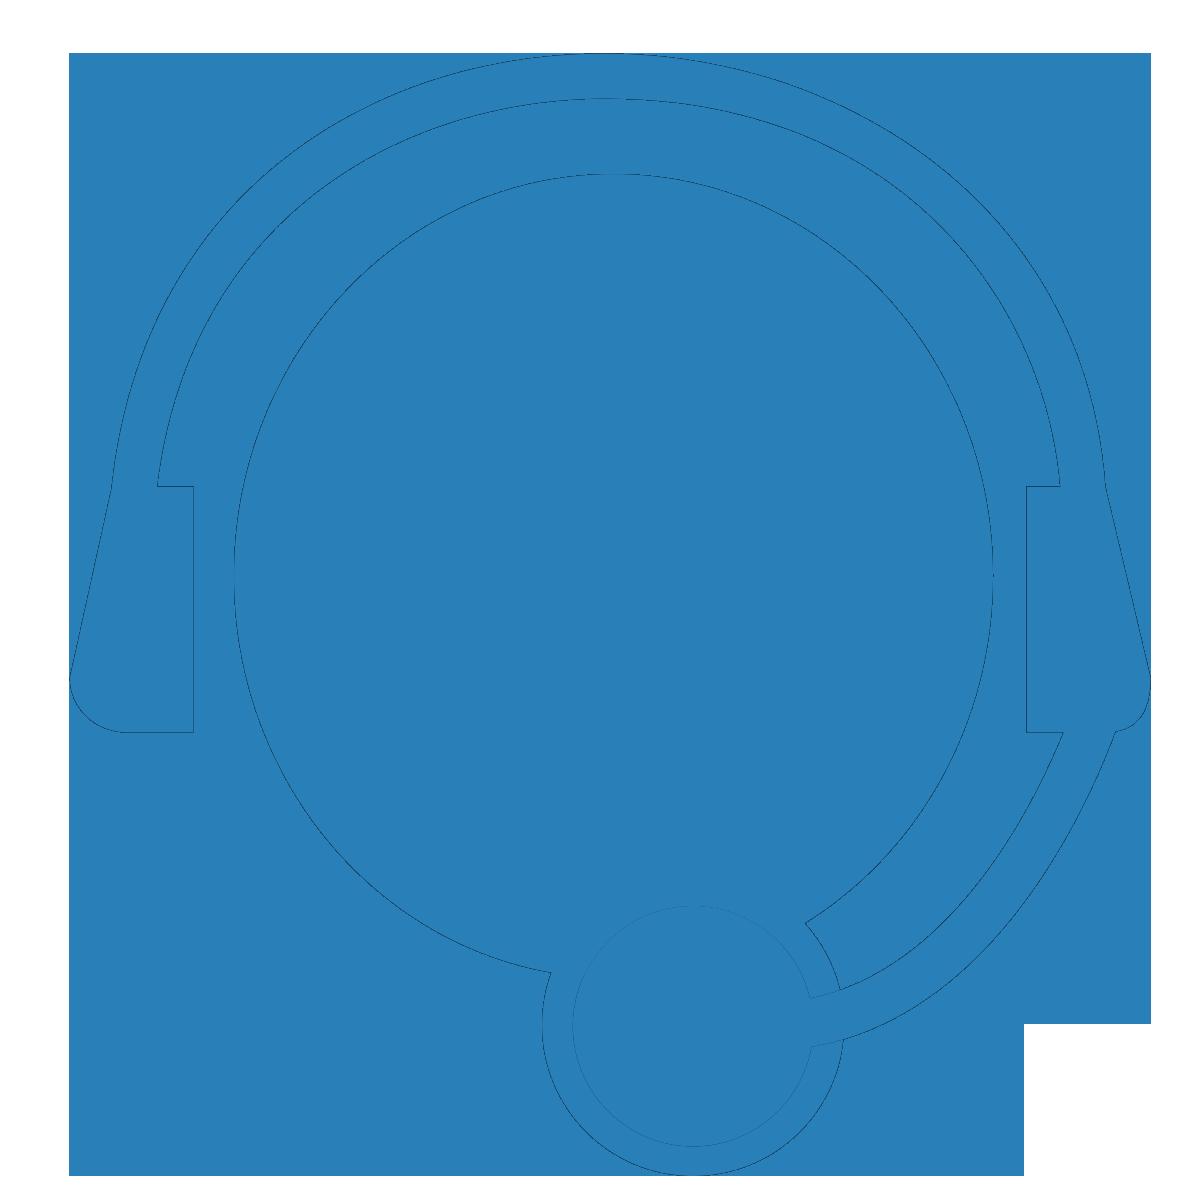 Splashtop integruje się z innymi rozwiązaniami RMM